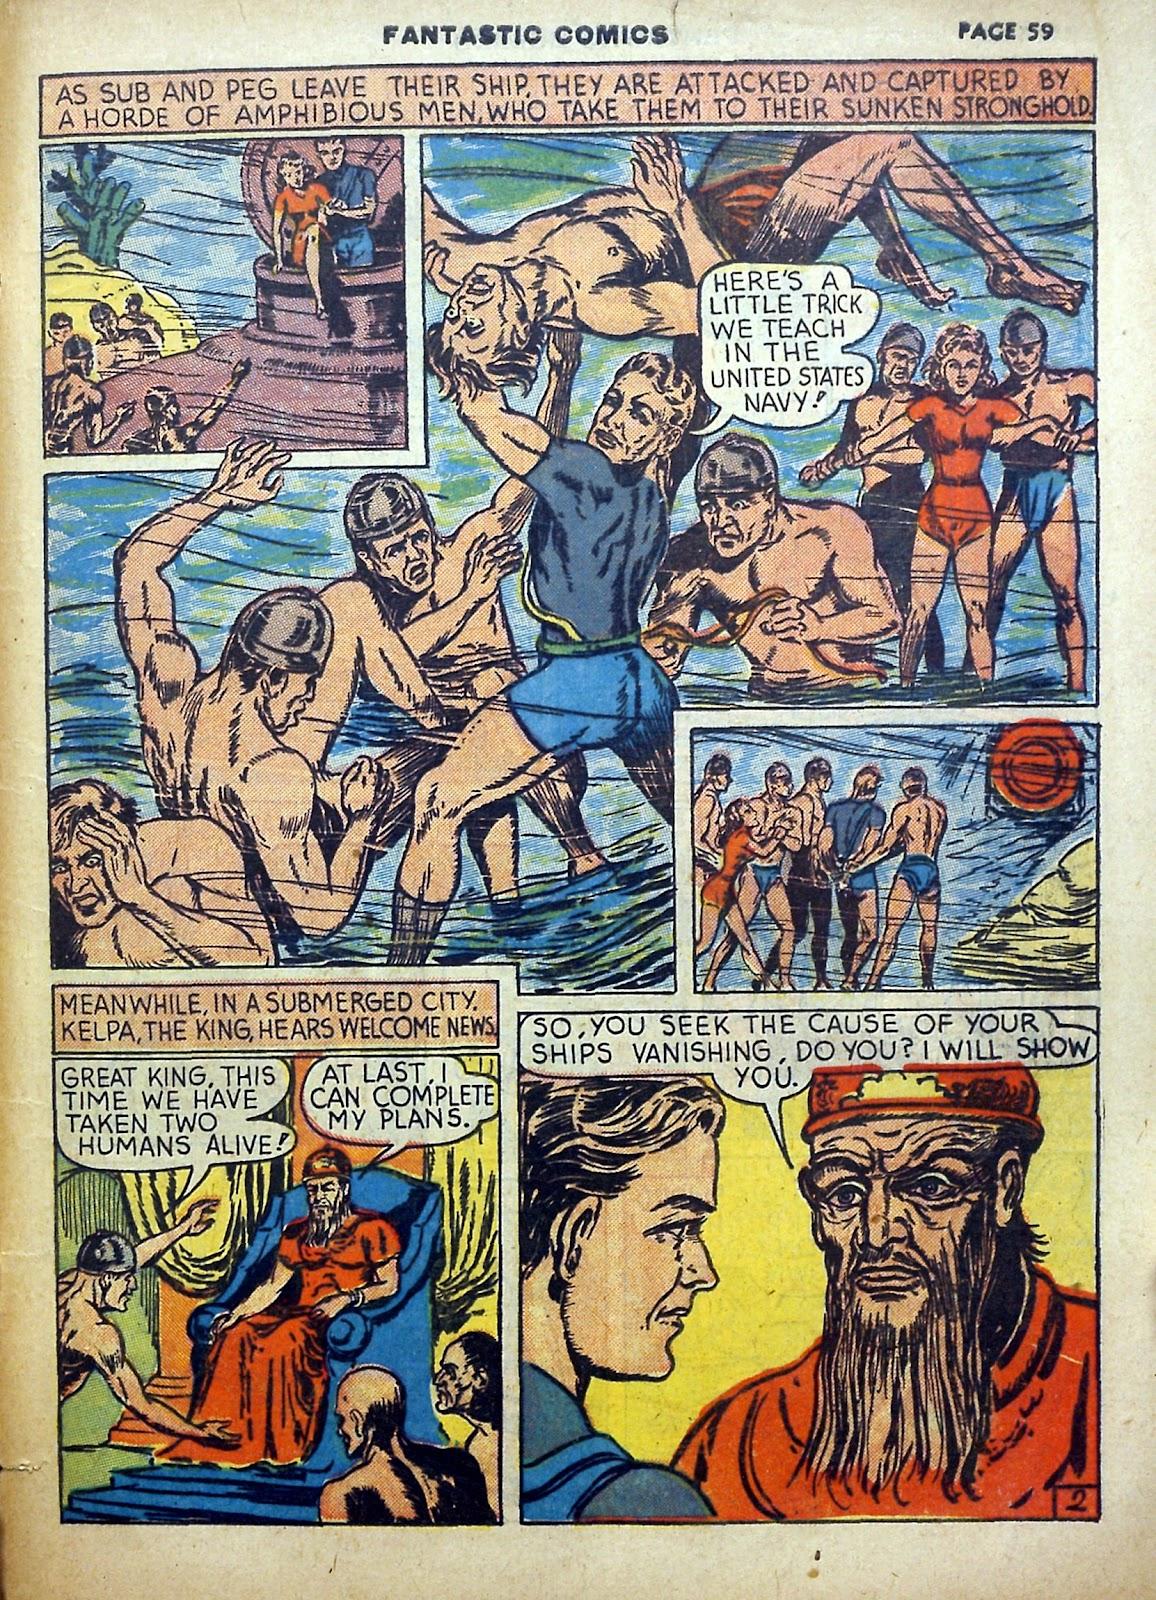 Read online Fantastic Comics comic -  Issue #5 - 60